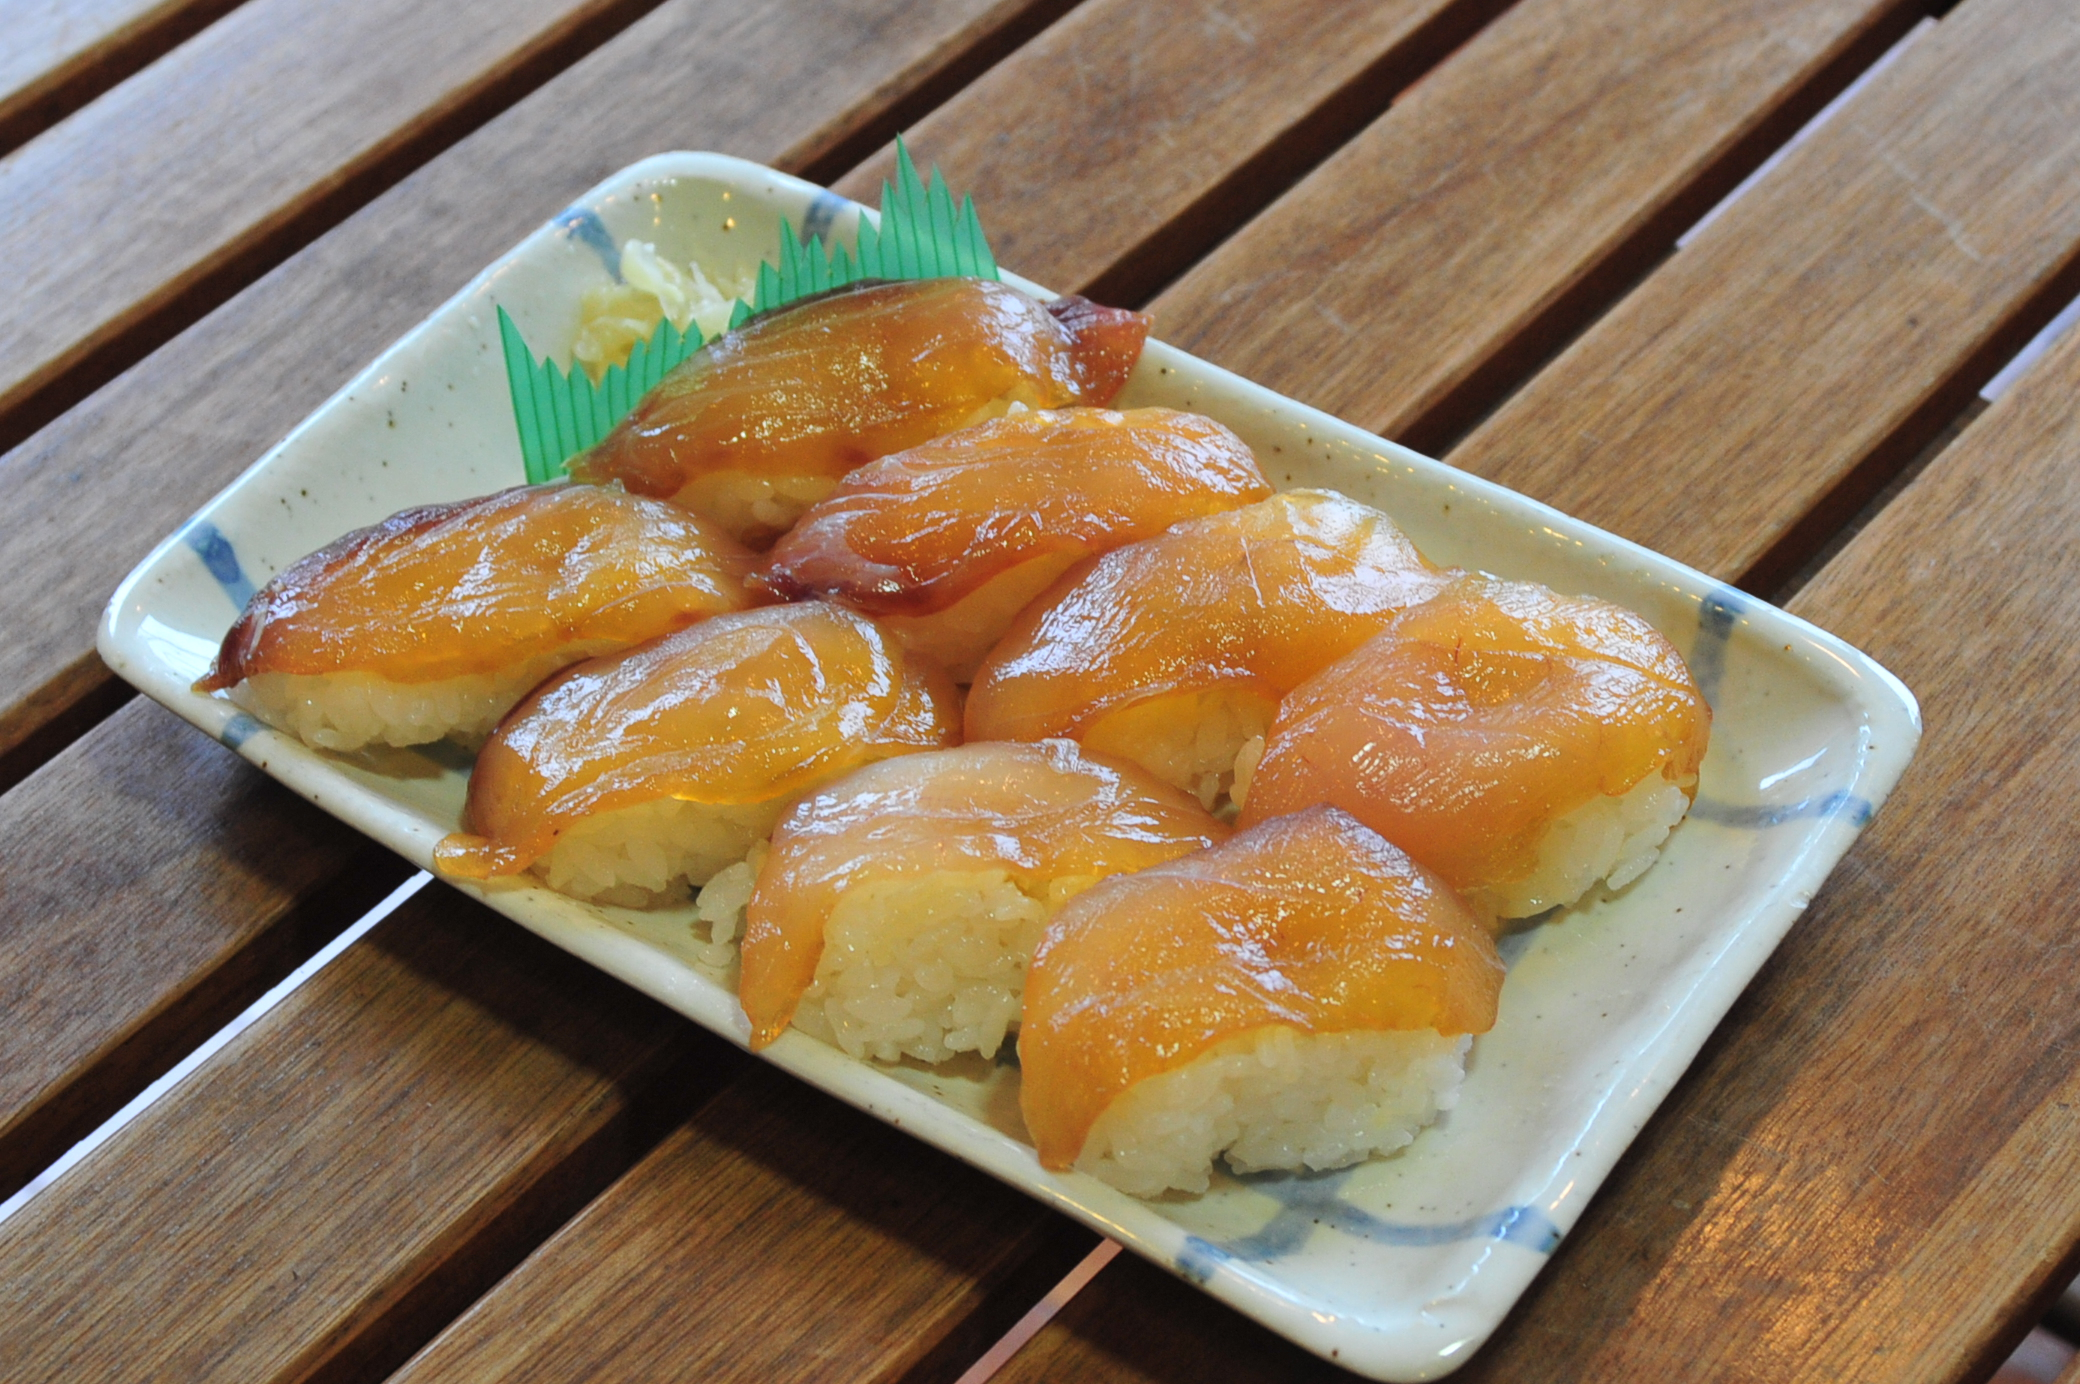 フェアでは島寿司も食べられます!